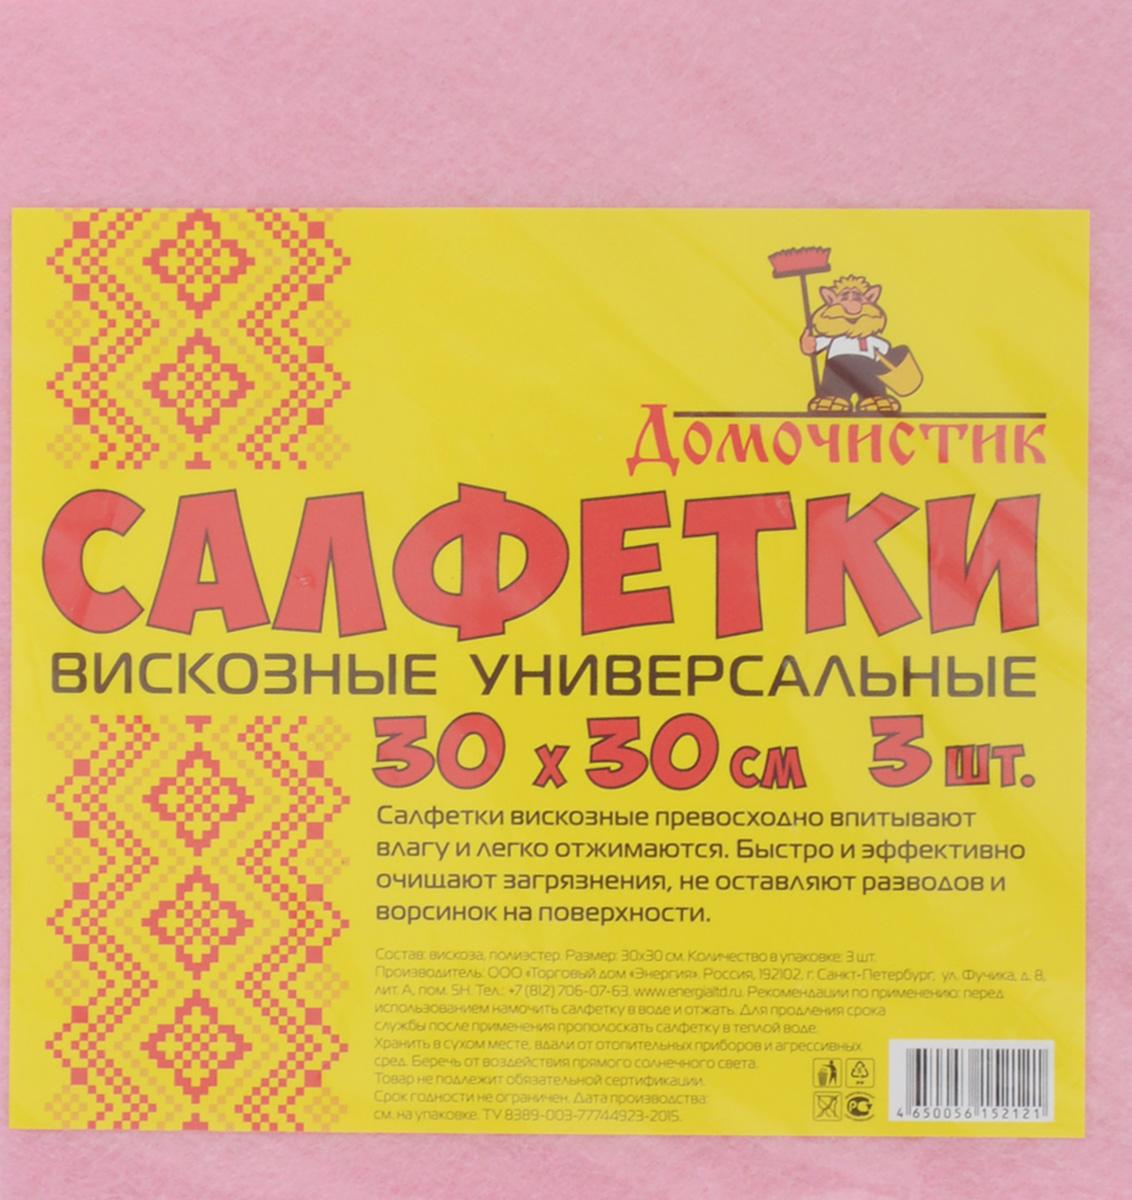 Салфетка для уборки Домочистик, универсальная, цвет: желтый, розовый, 30 x 30 см, 3 шт13004_желтый, розовыйУниверсальные салфетки для уборки Домочистик, выполненные из вискозы и полиэстера, превосходно впитывают влагу и легко отжимаются. Они быстро и эффективно очищают загрязнения, не оставляя разводов. Размер салфетки: 30 x 30 см.